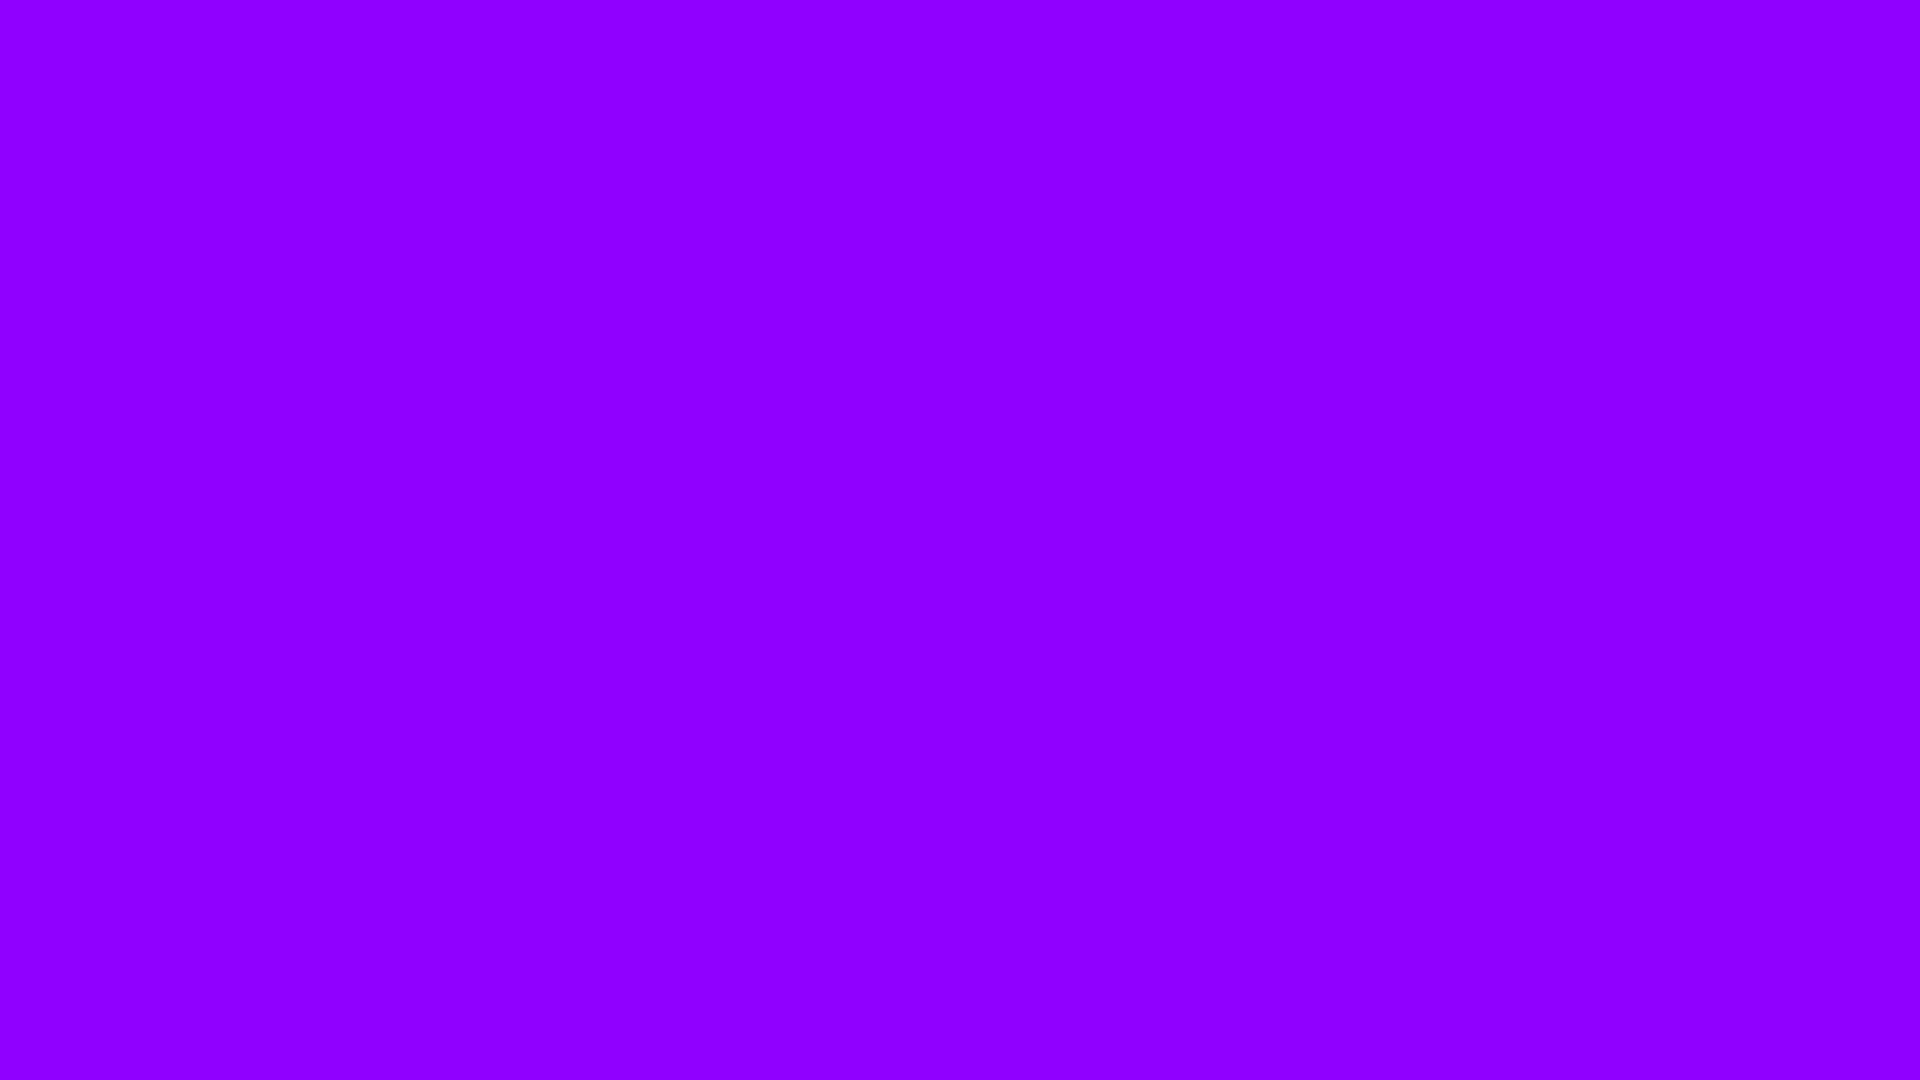 1920x1080 Violet Solid Color Background